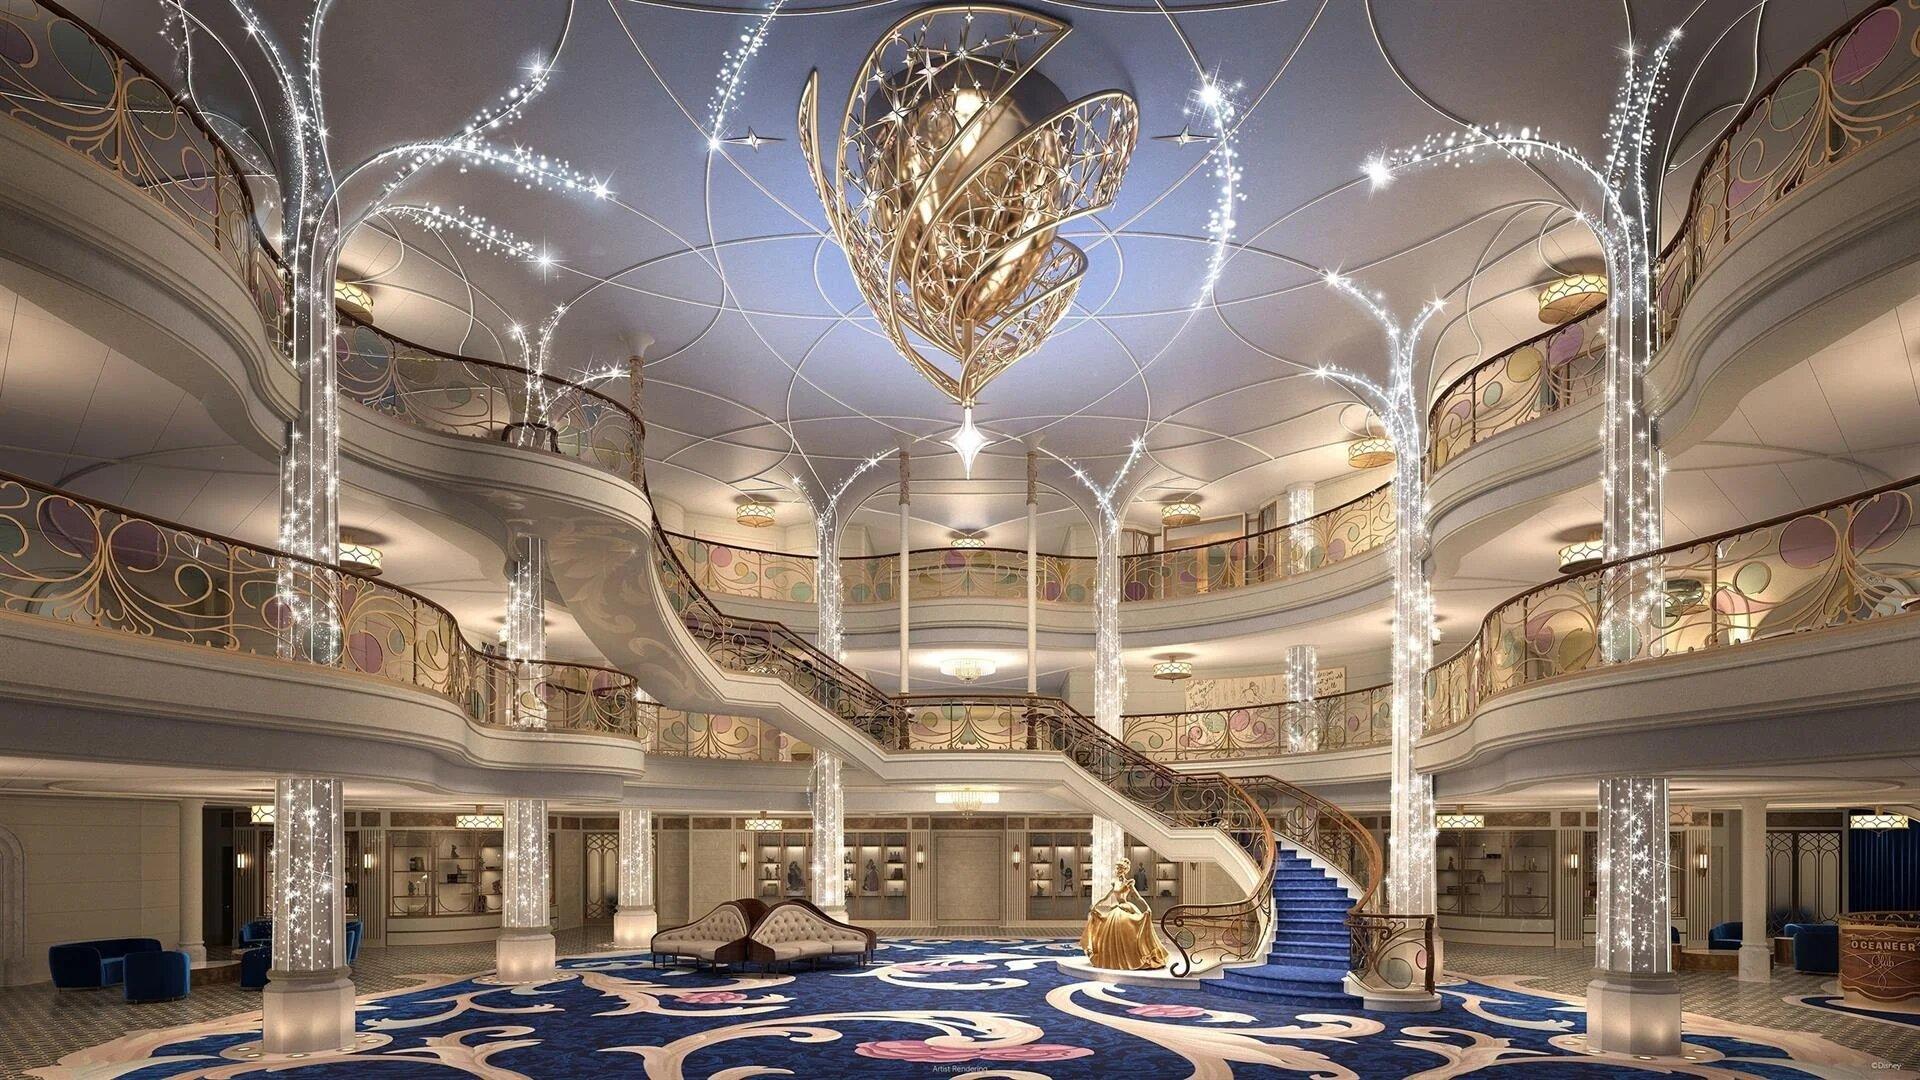 Disney Wish: Vacaciones mágicas navegando en un crucero